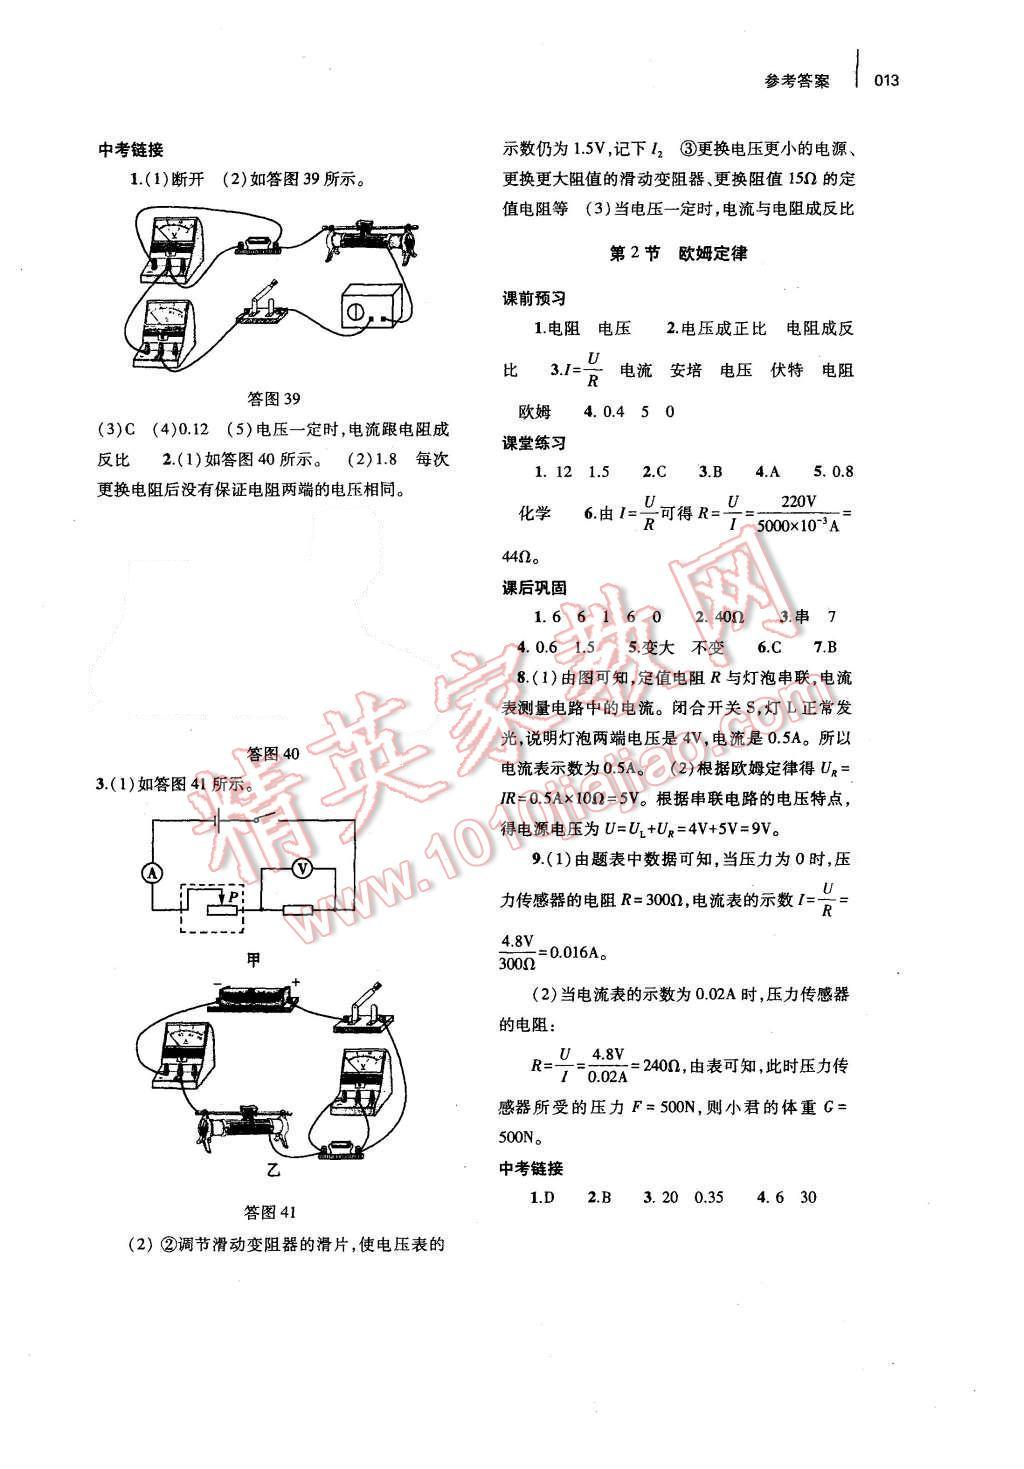 2015年基础训练九年级物理全一册人教版河南省内使用参考答案第25页